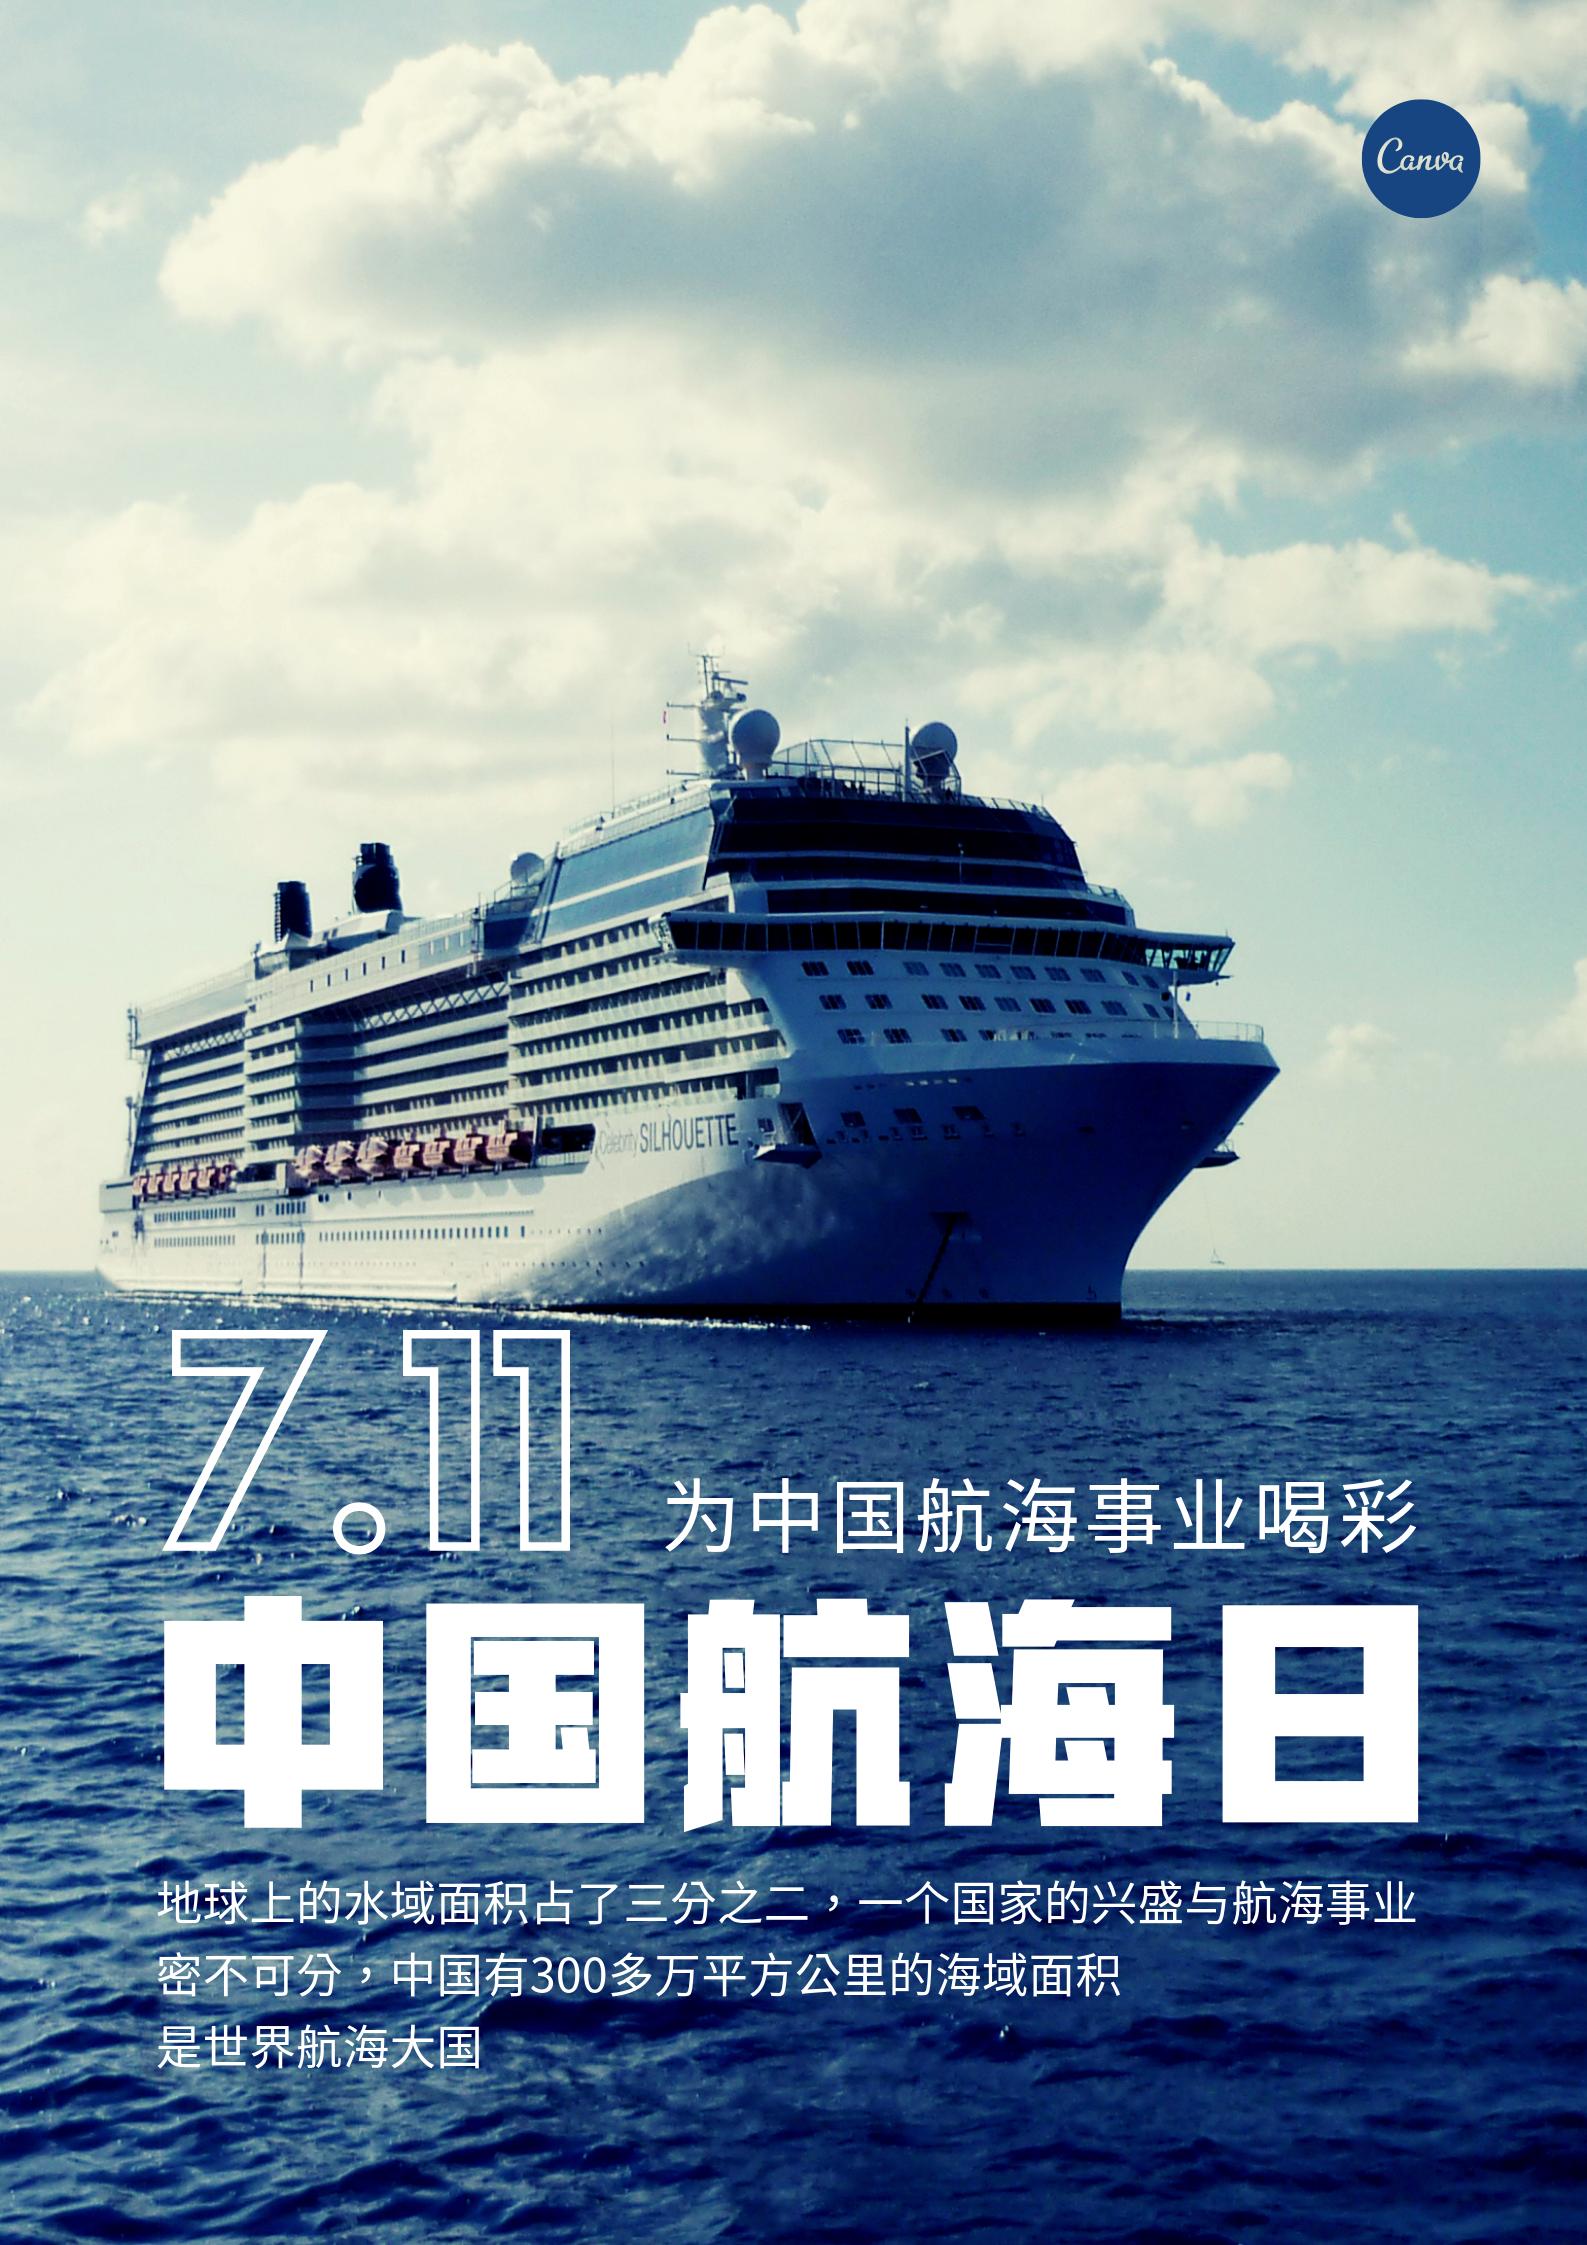 中国航海日图片